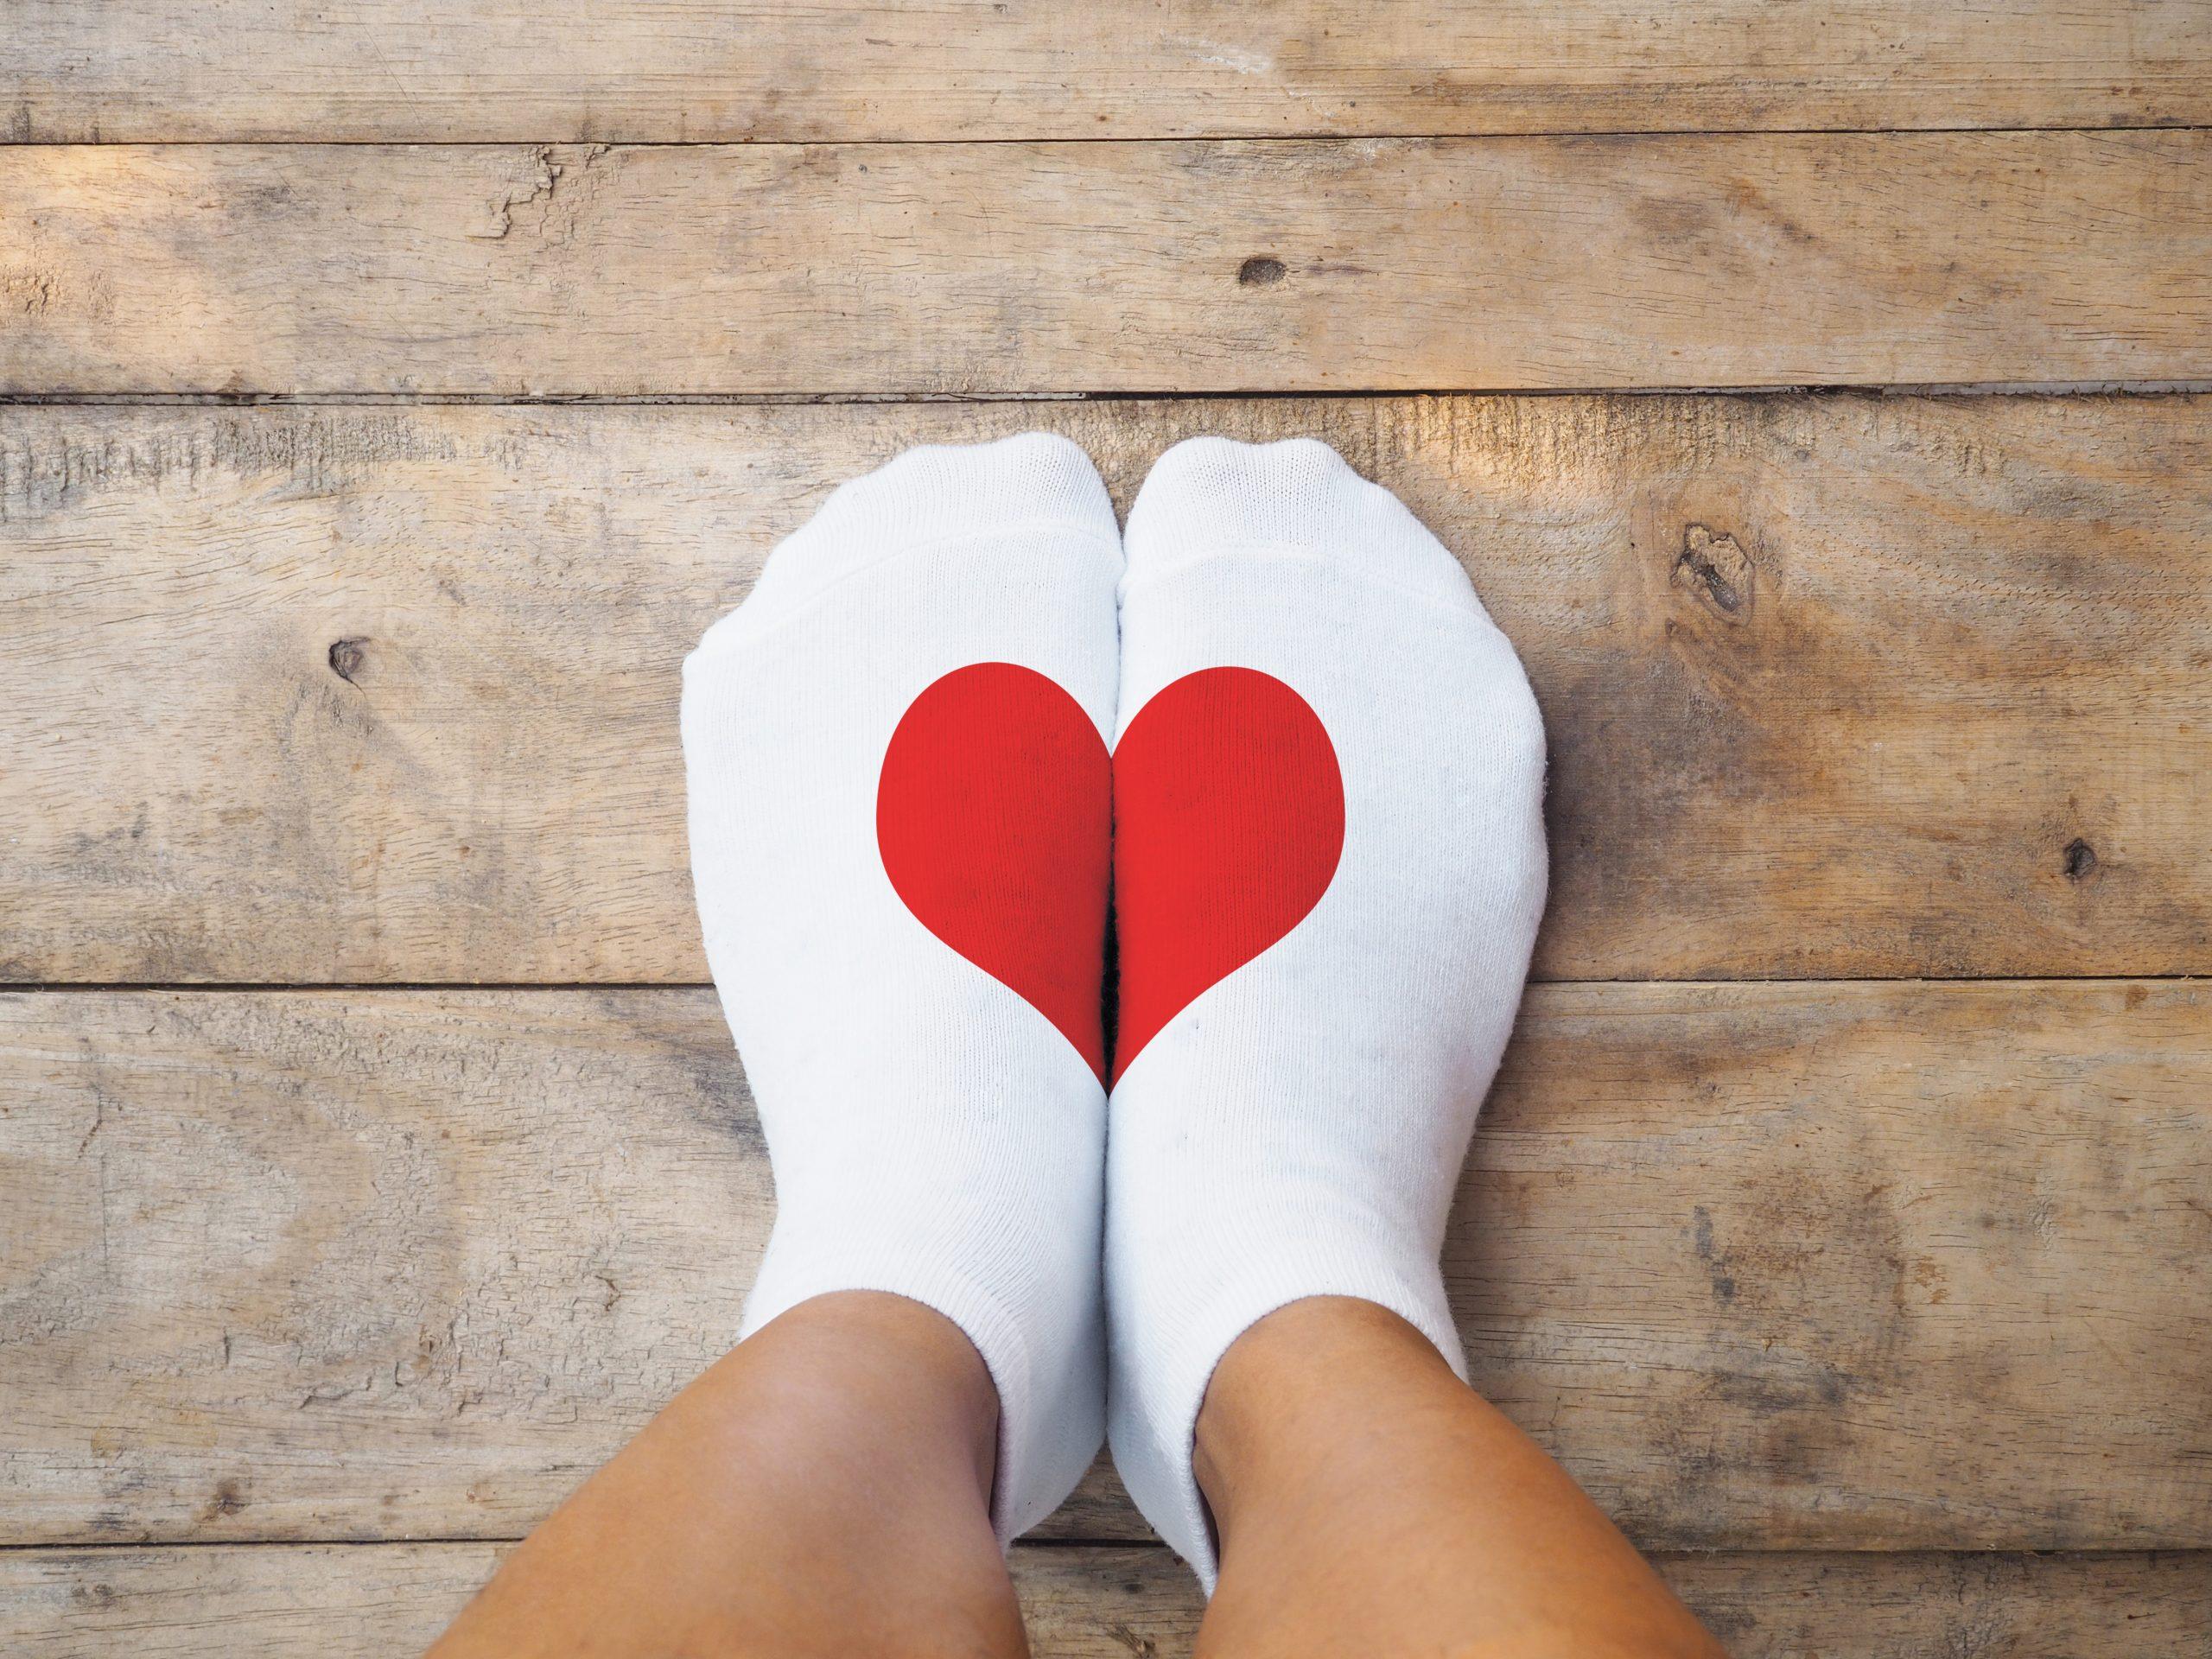 Feet wearing heart socks